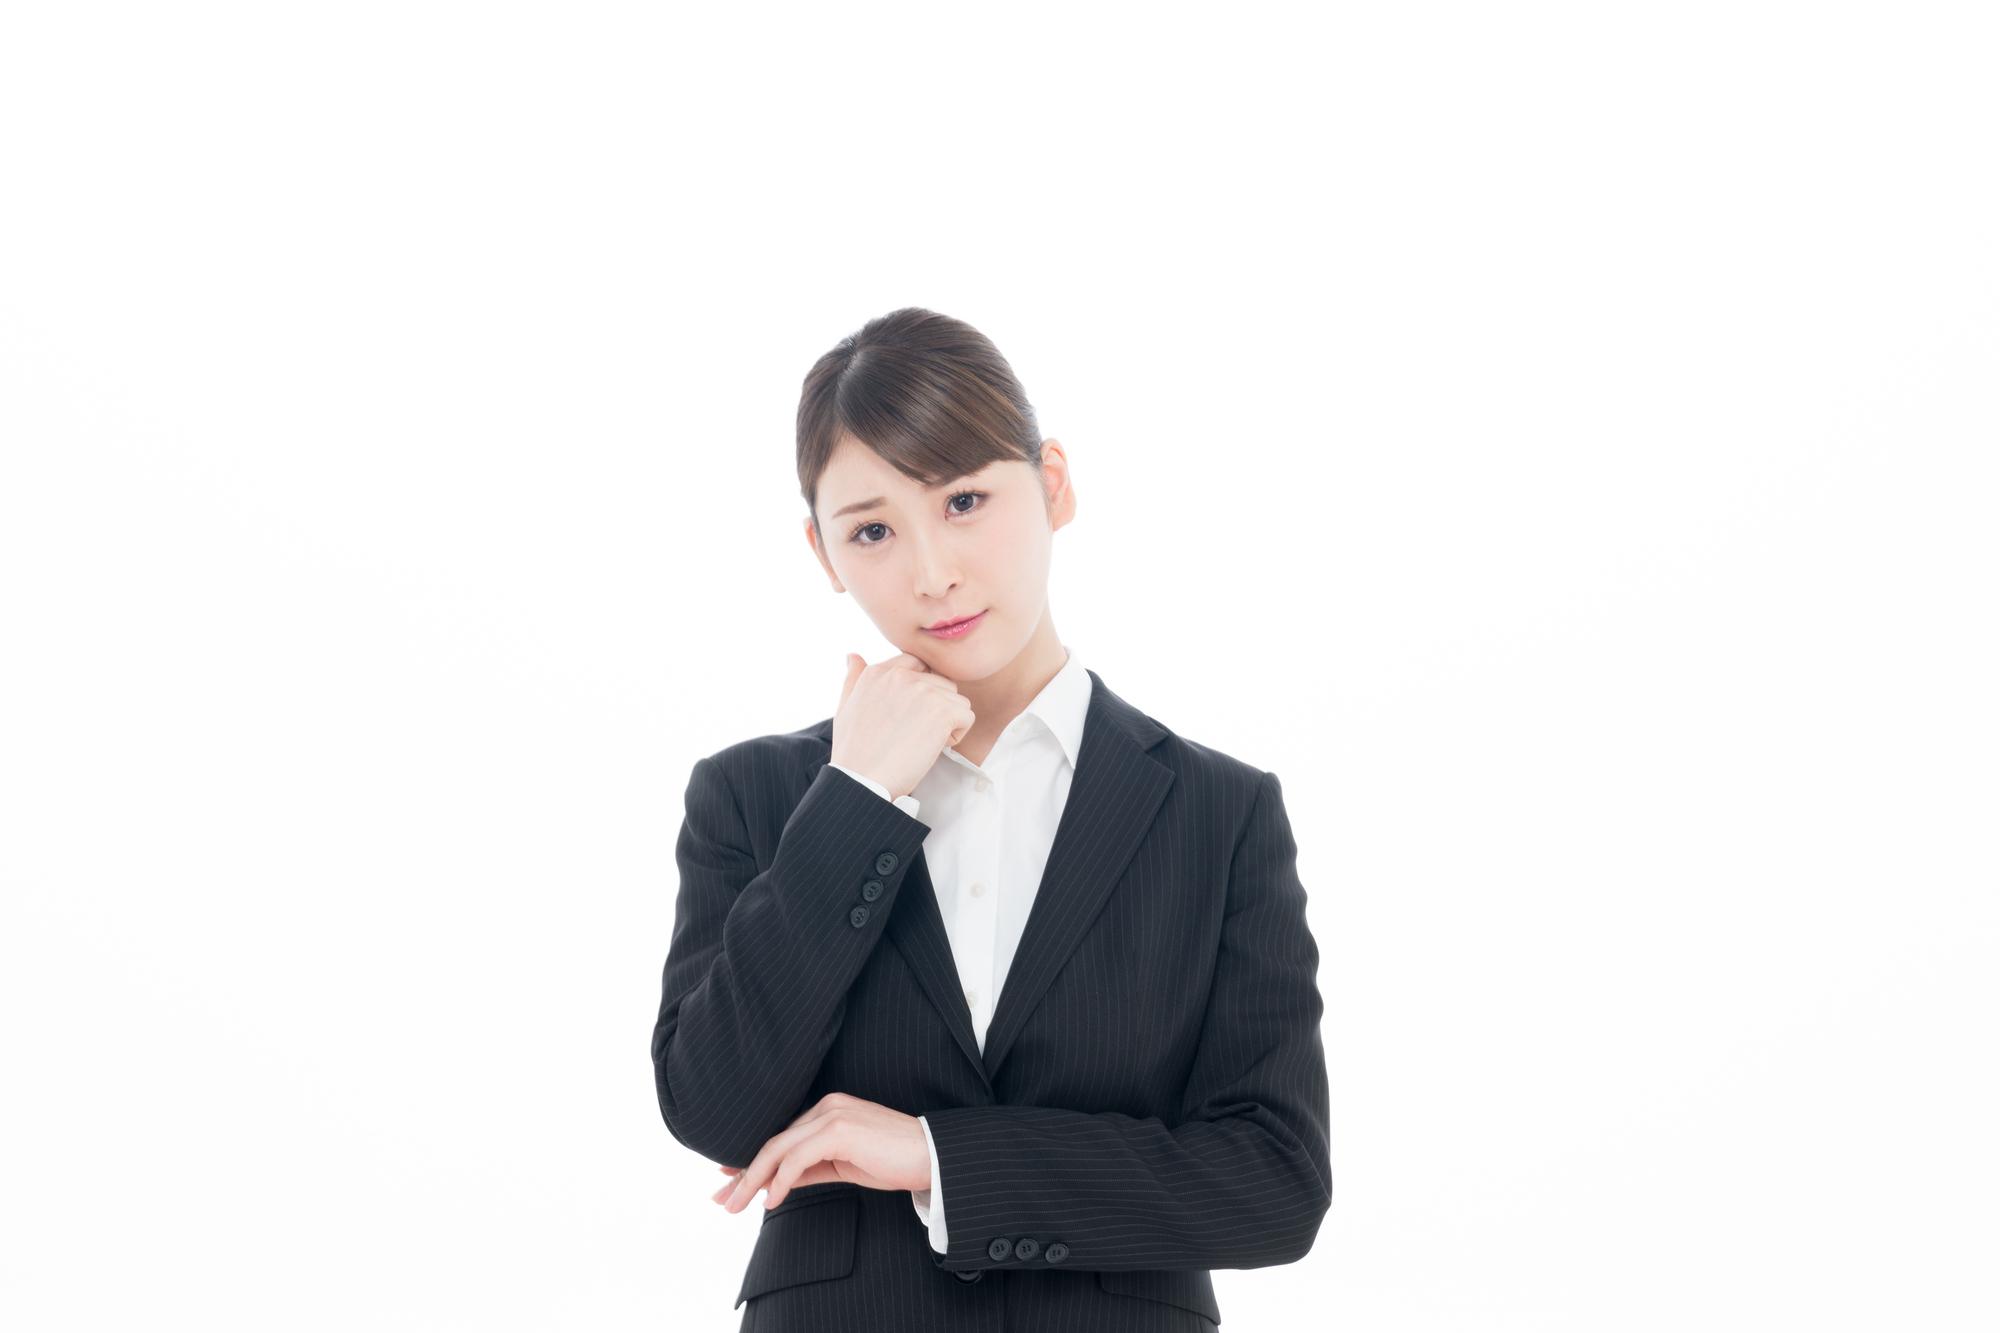 就活マナーに正解はあるのか悩む就活生のイメージ